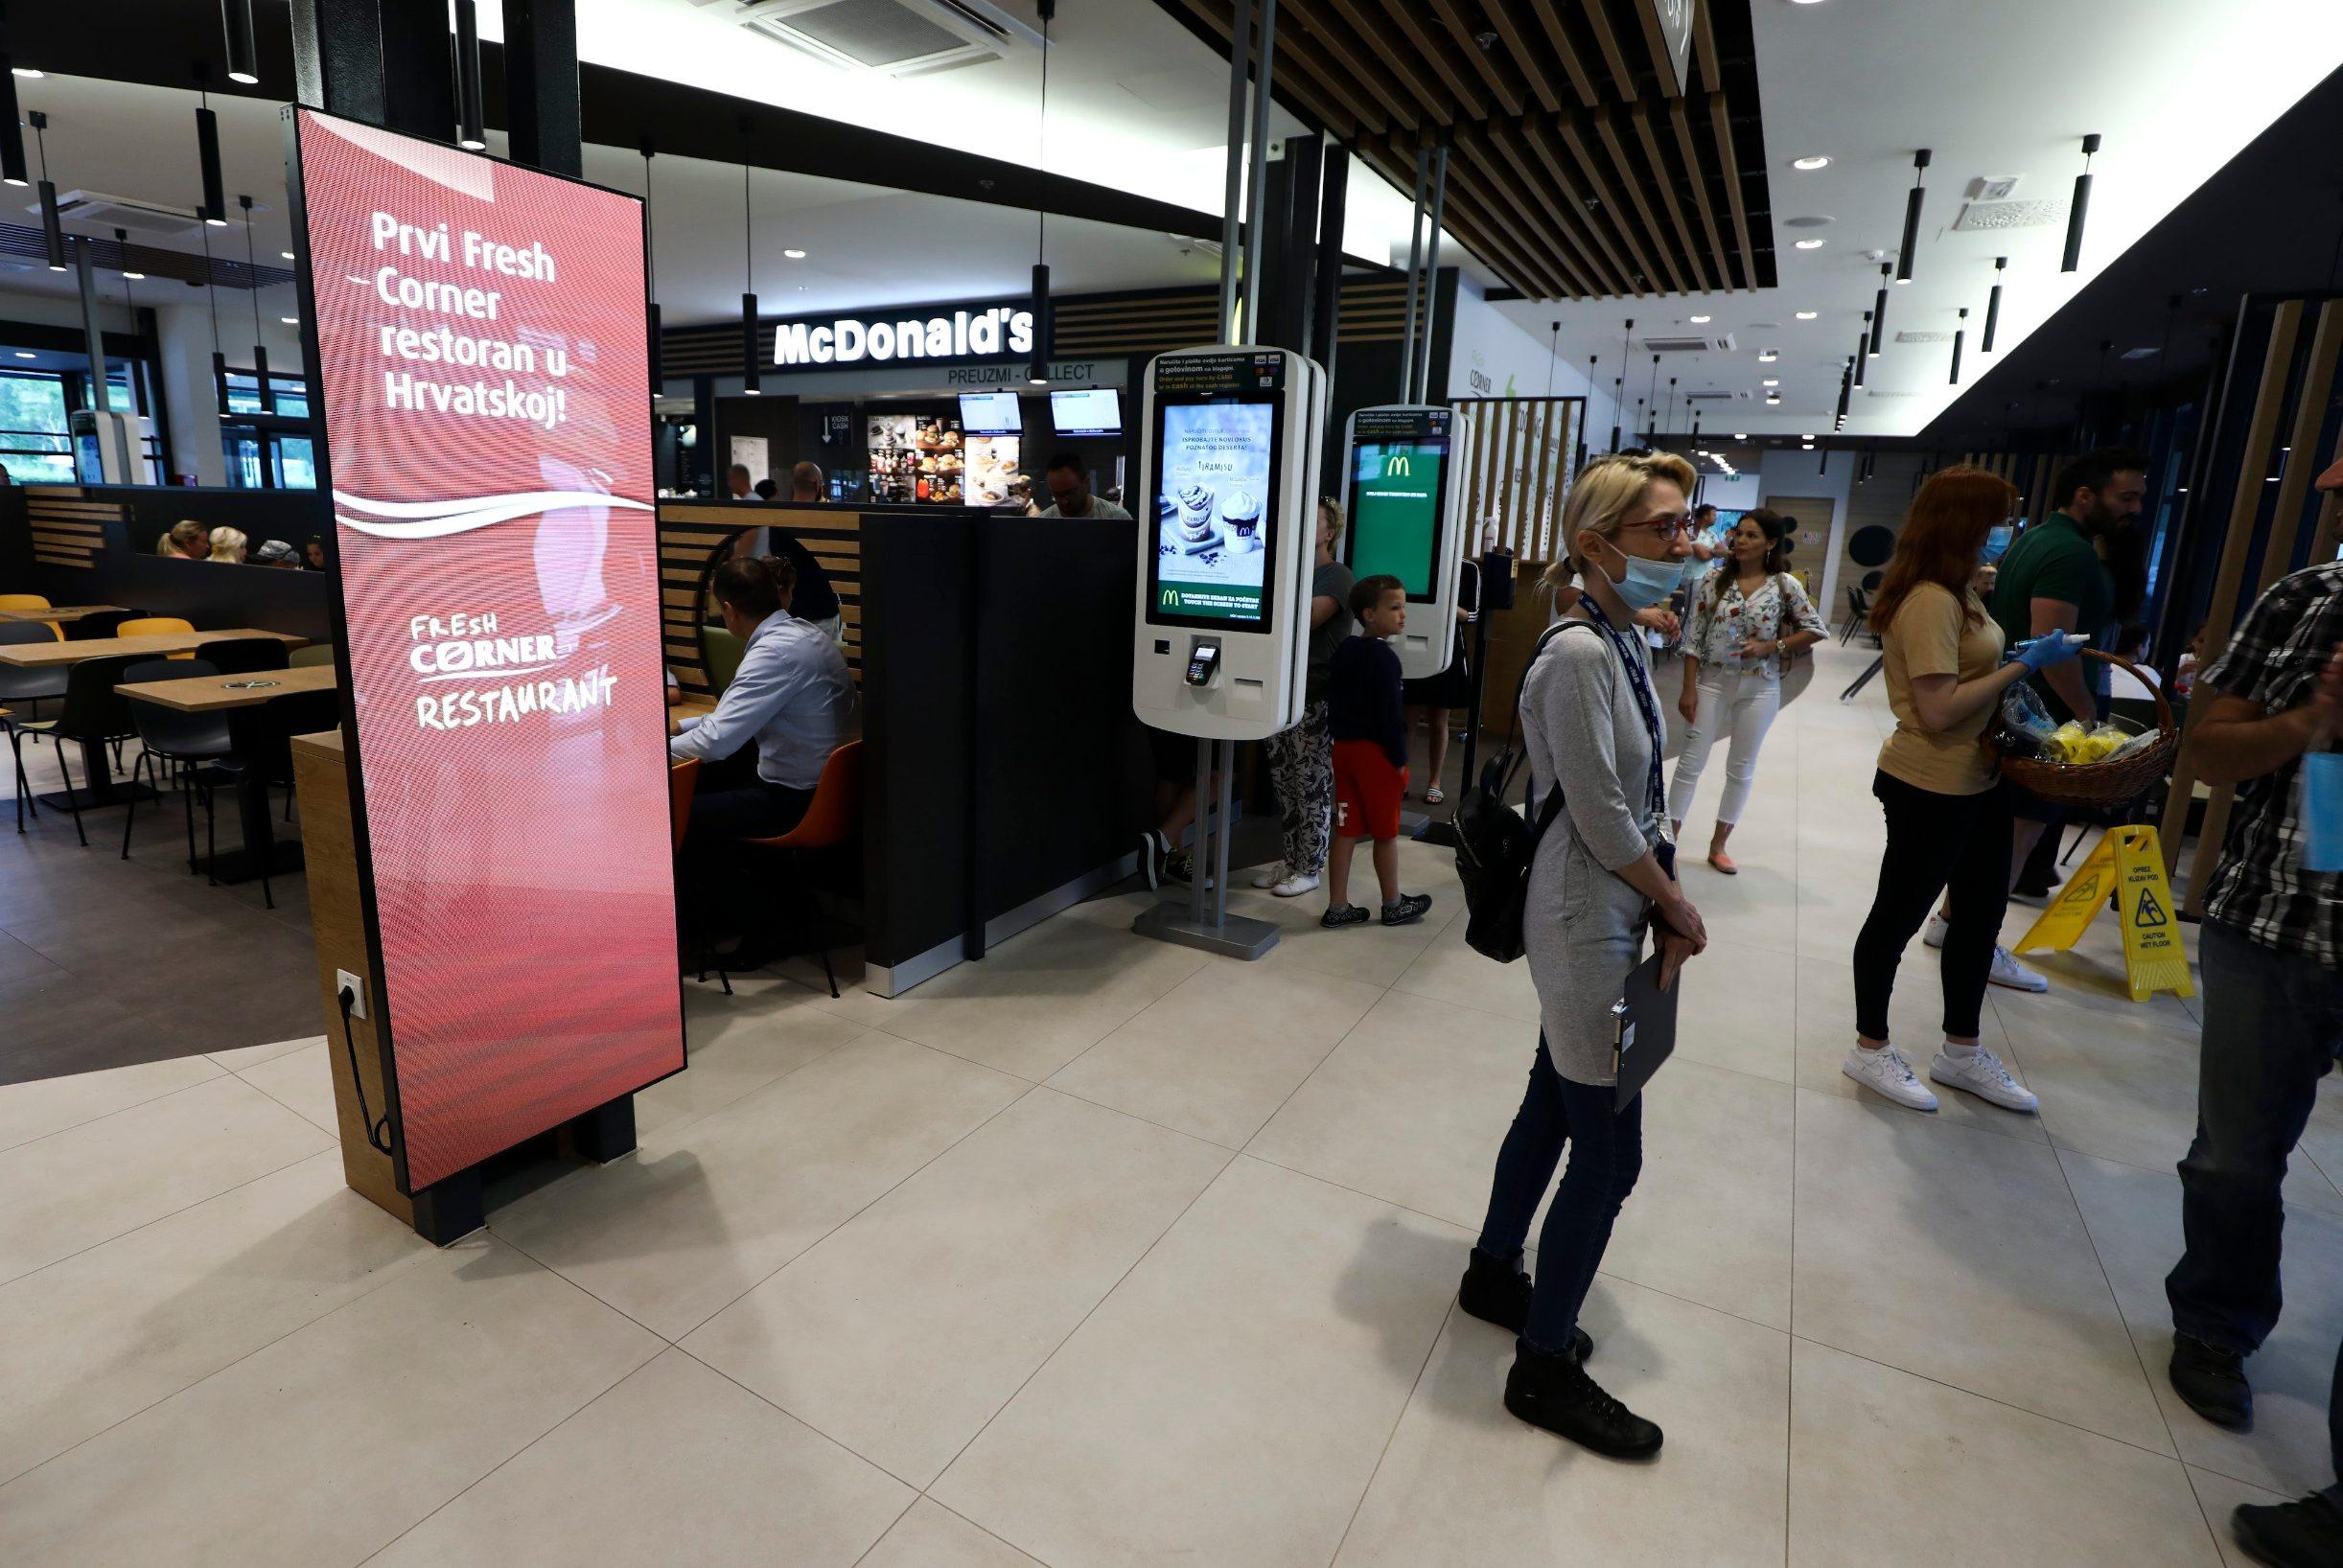 Vukova Gorica, 030720. Otvorenje moderniziranog prodajnog mjesta INA Vukova Gorica na kojoj je Fresh Corner i McDonalds. Na fotografiji: Fresh Corner. Foto: Zeljko Puhovski / CROPIX